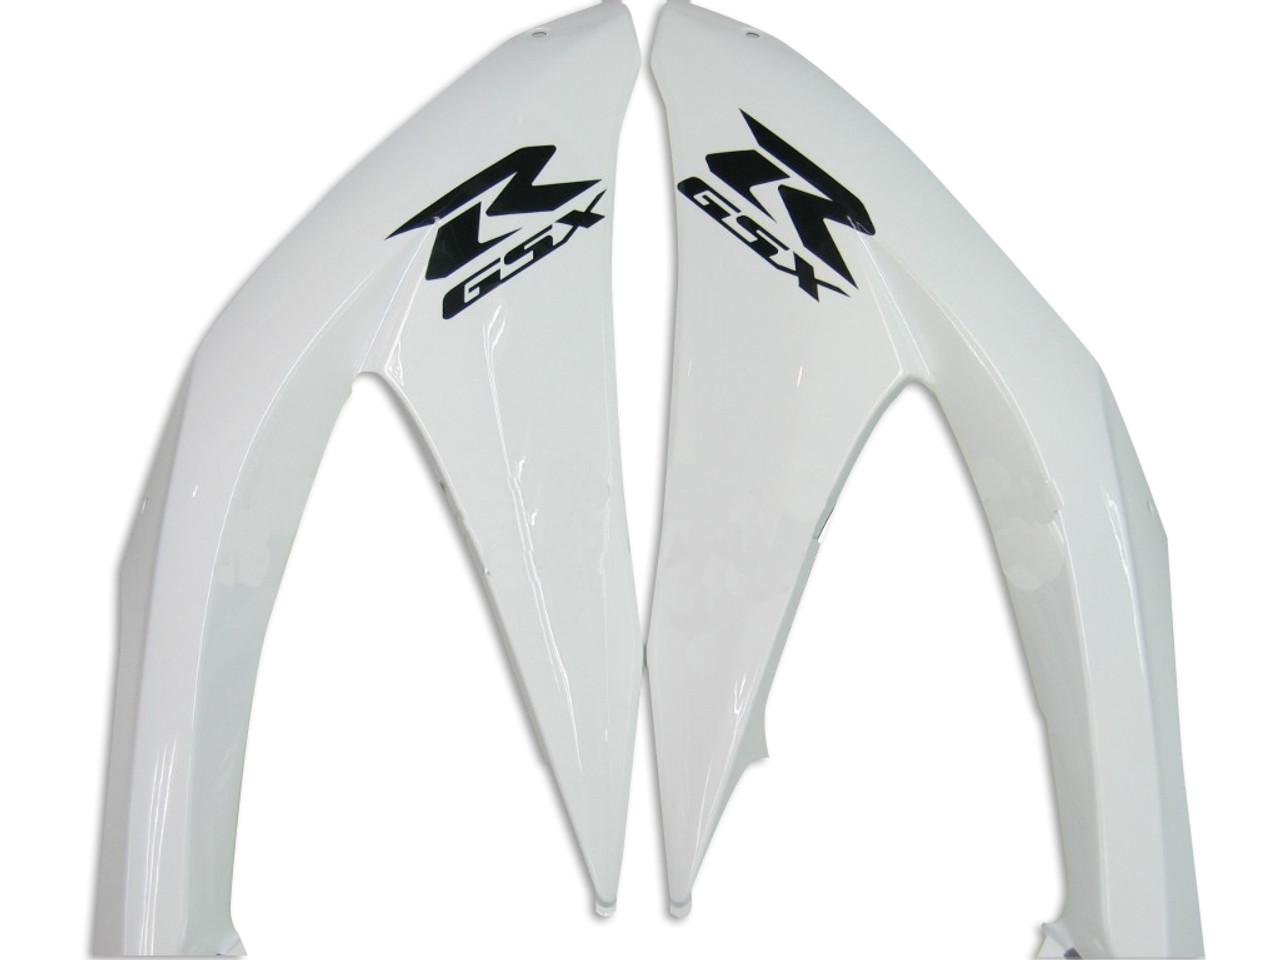 Fairings Suzuki GSXR 600 750 White Black GSXR Racing  (2008-2009-2010)